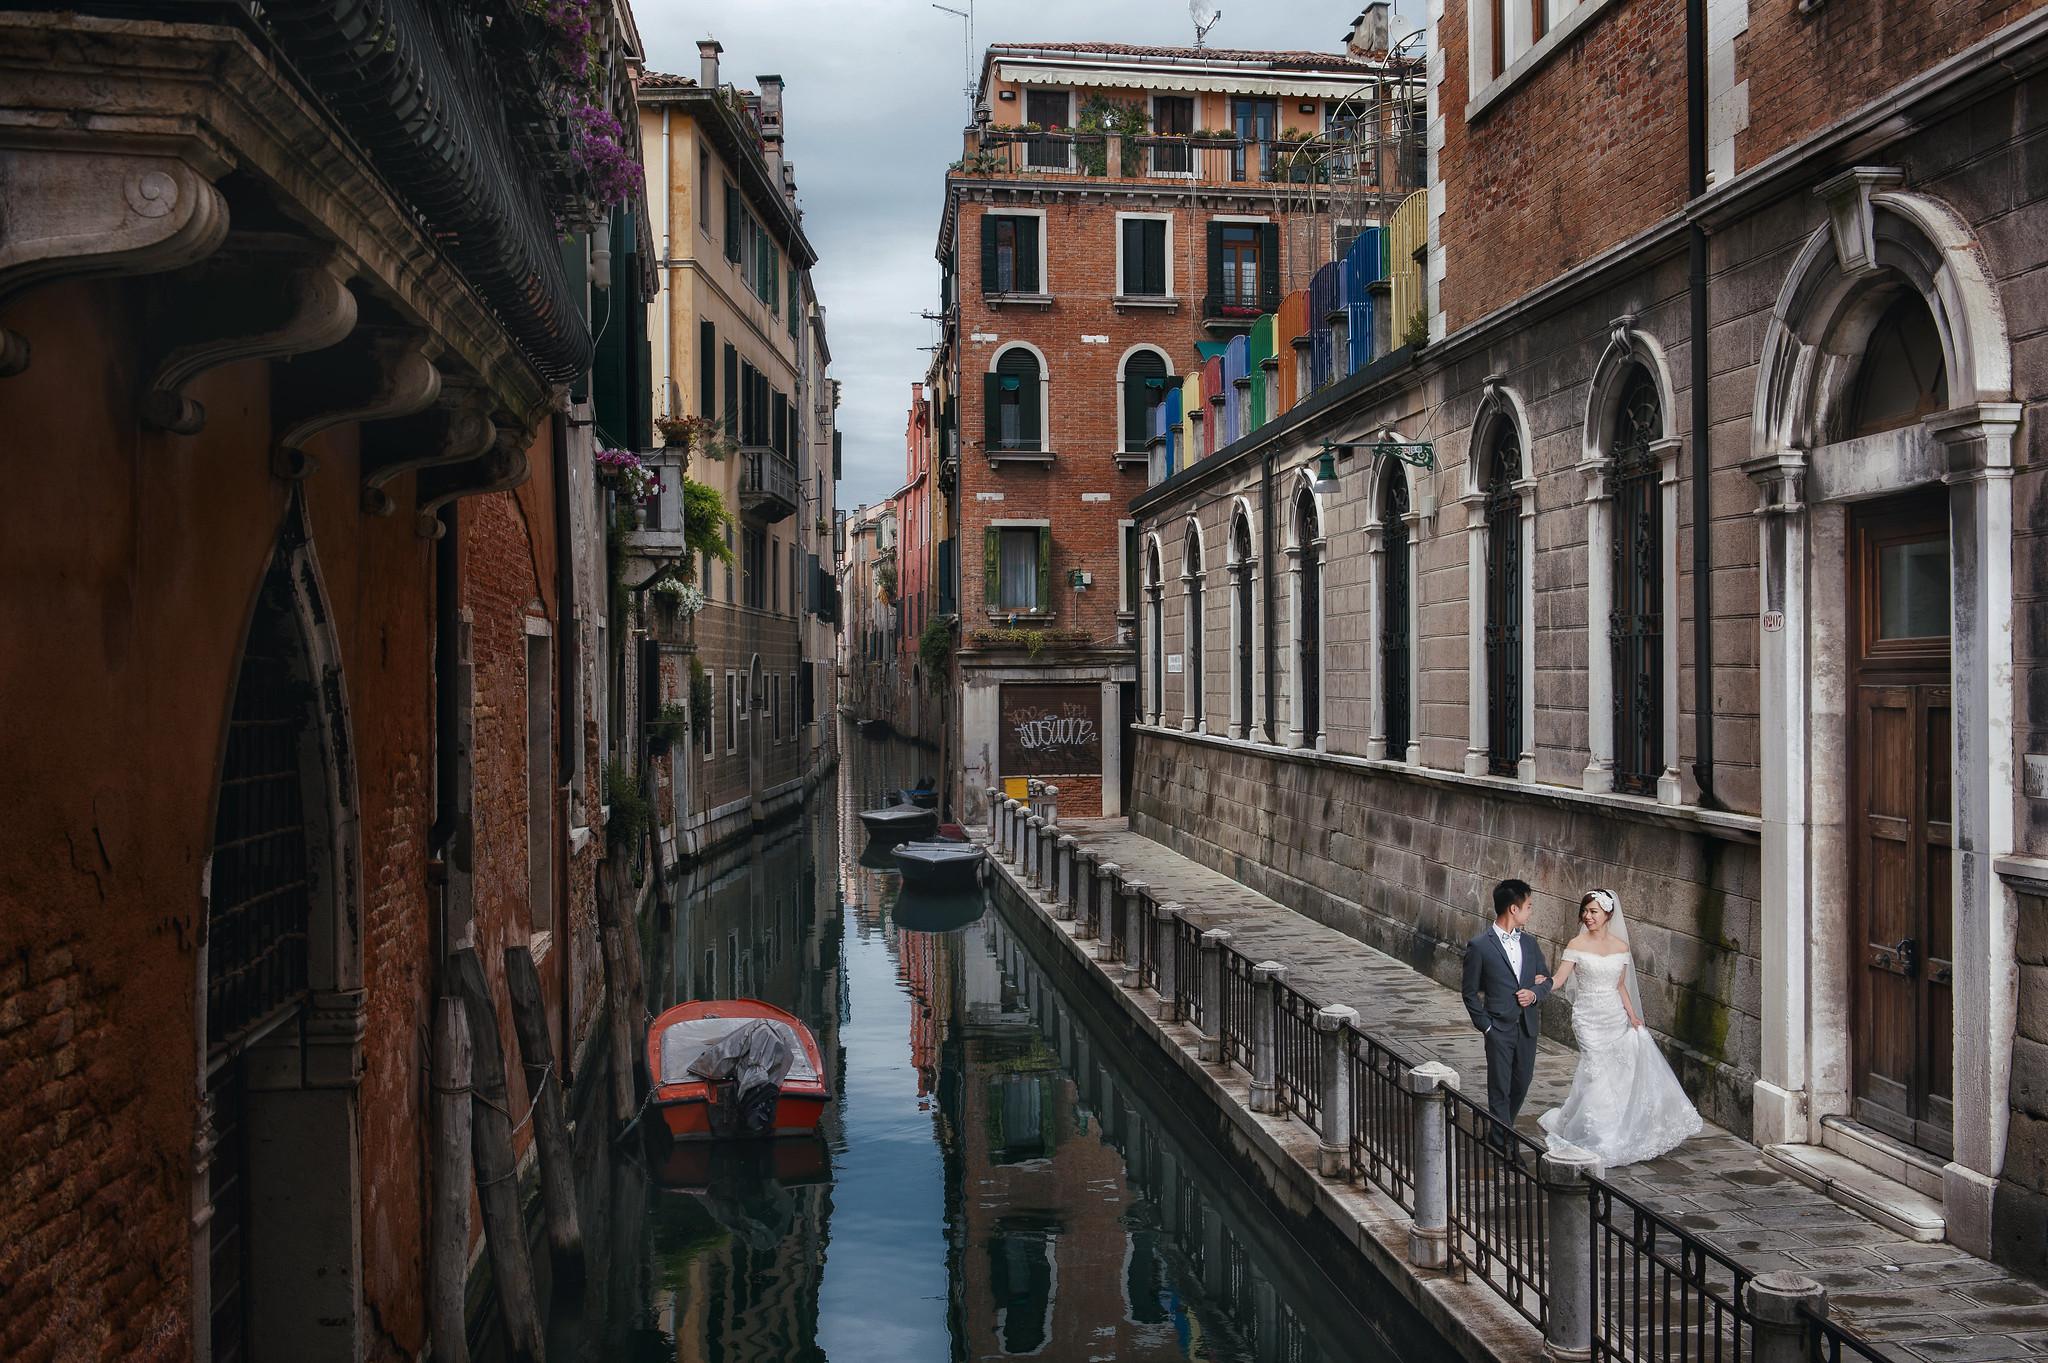 婚攝東法, 海外婚紗, 旅行婚紗, Donfer, Donfer Photography, 藝術婚紗, 婚紗影像